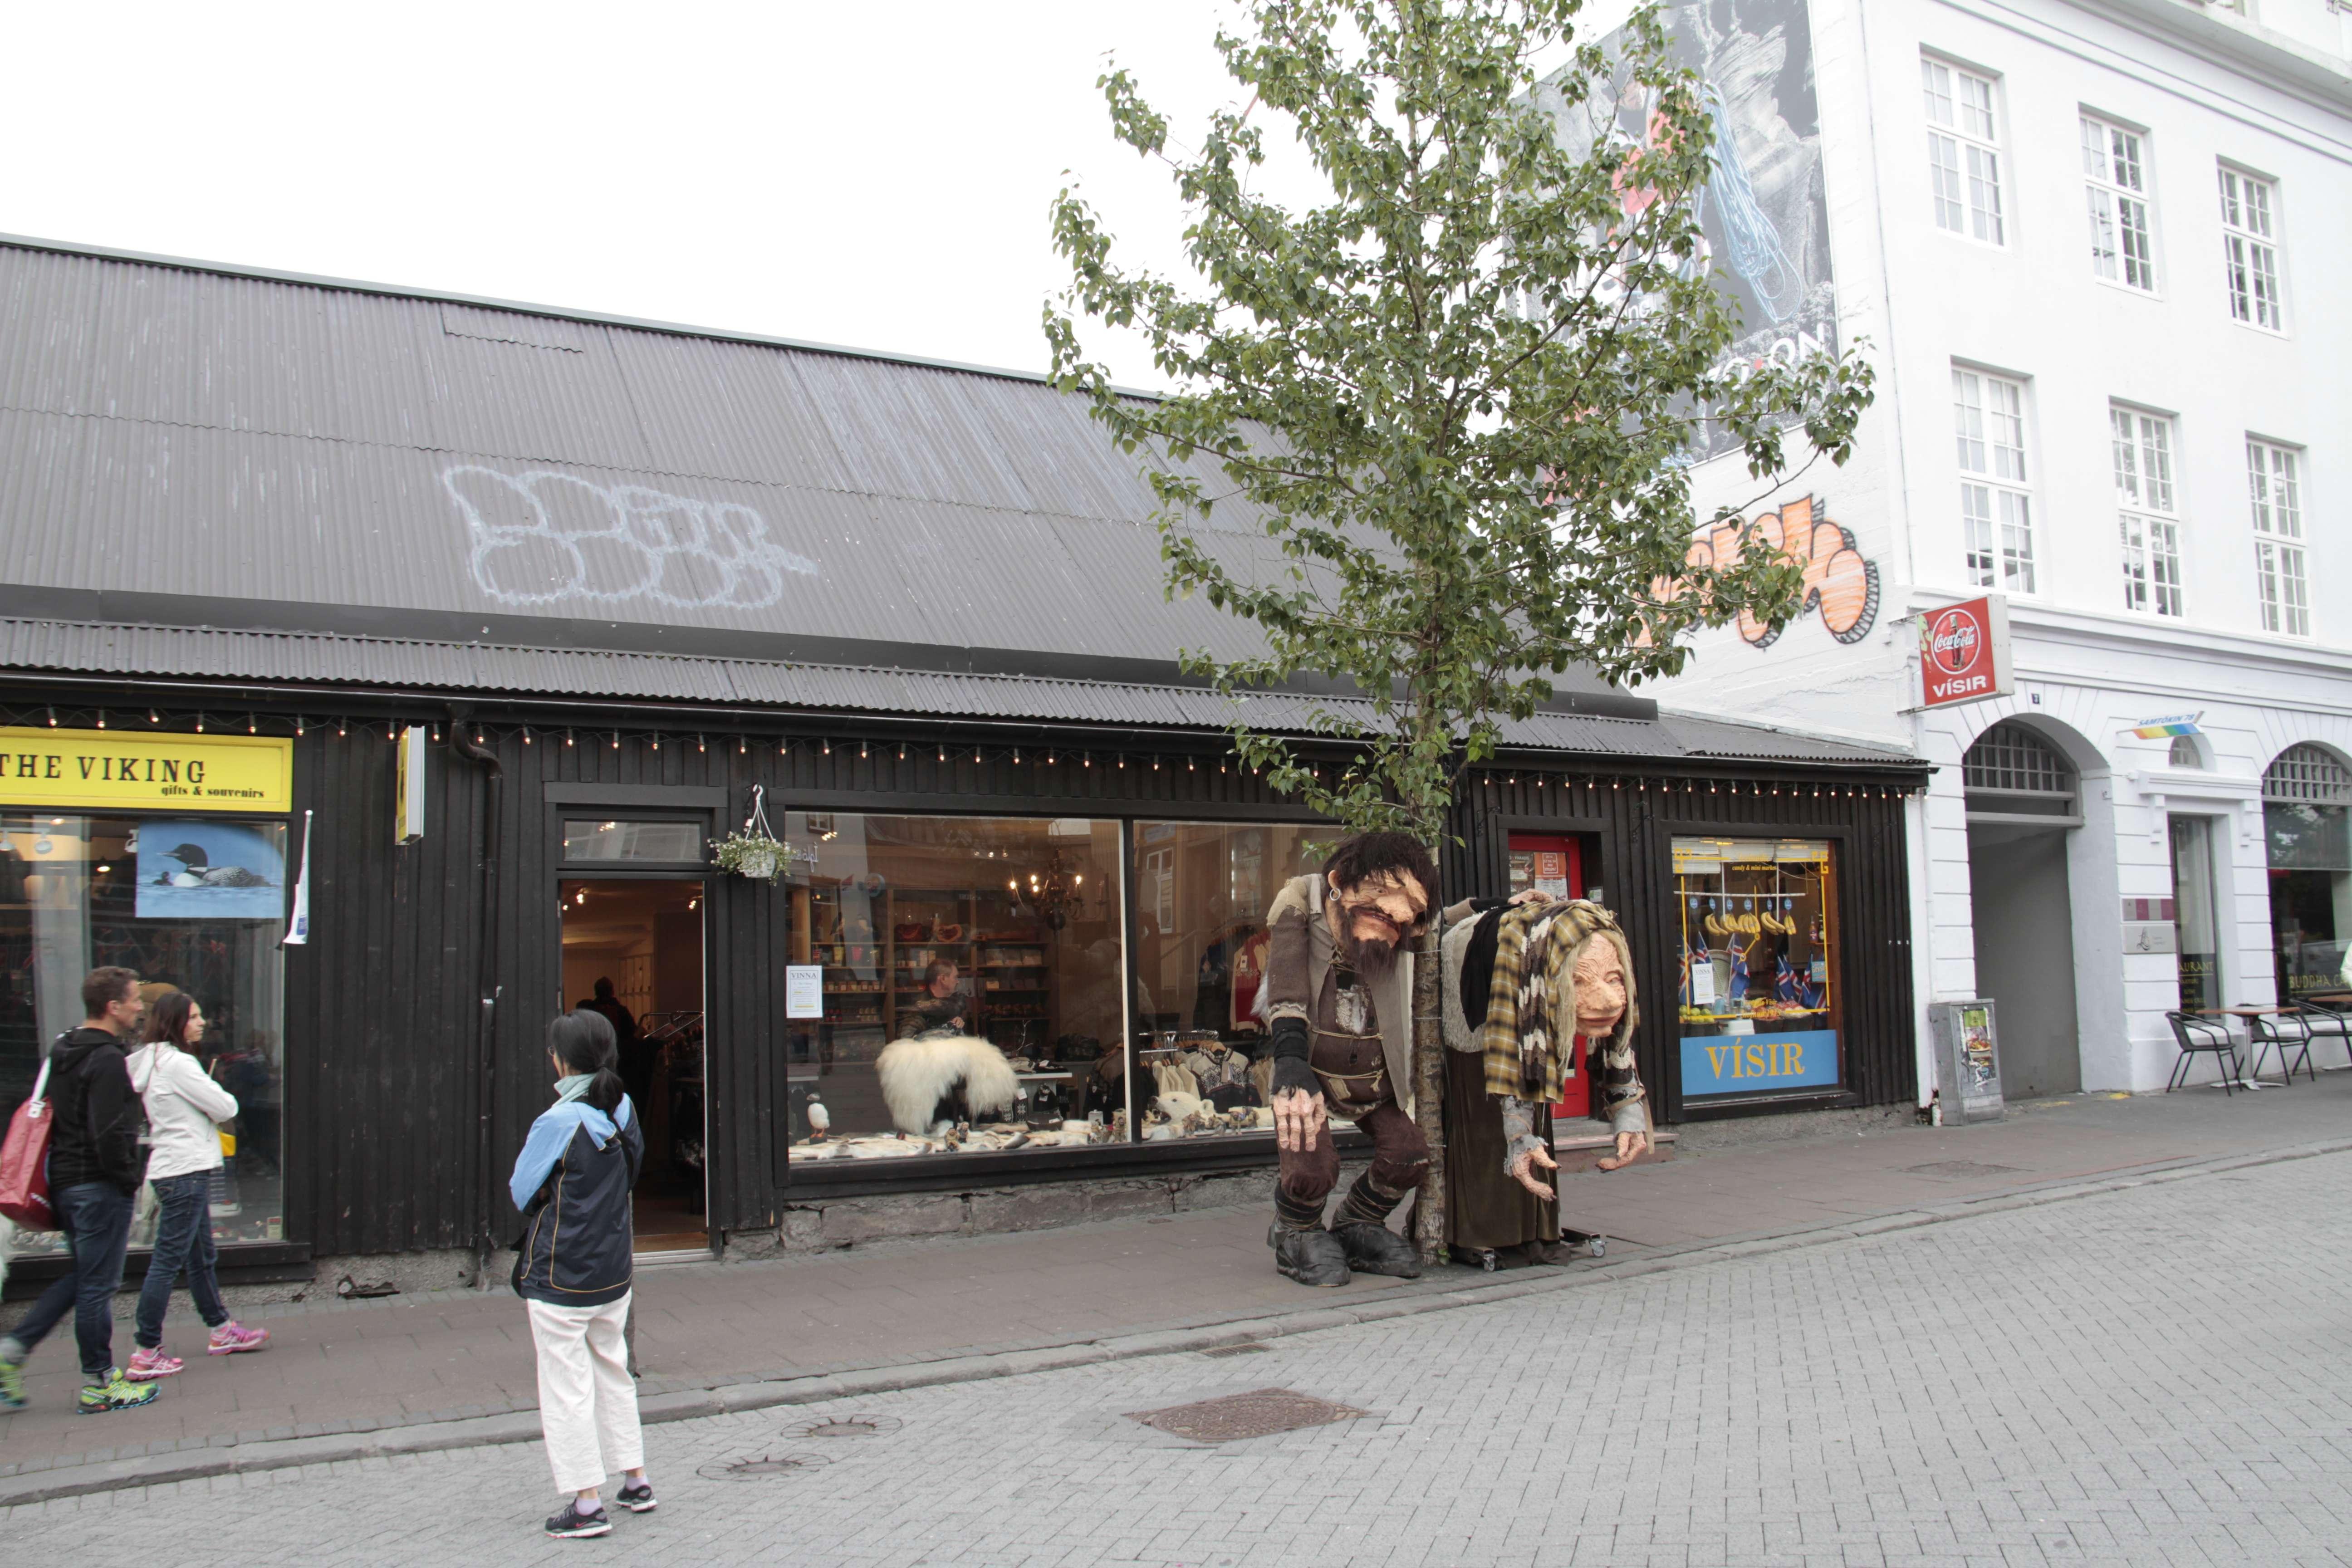 Islande_0085 Reykjavik 9 juillet